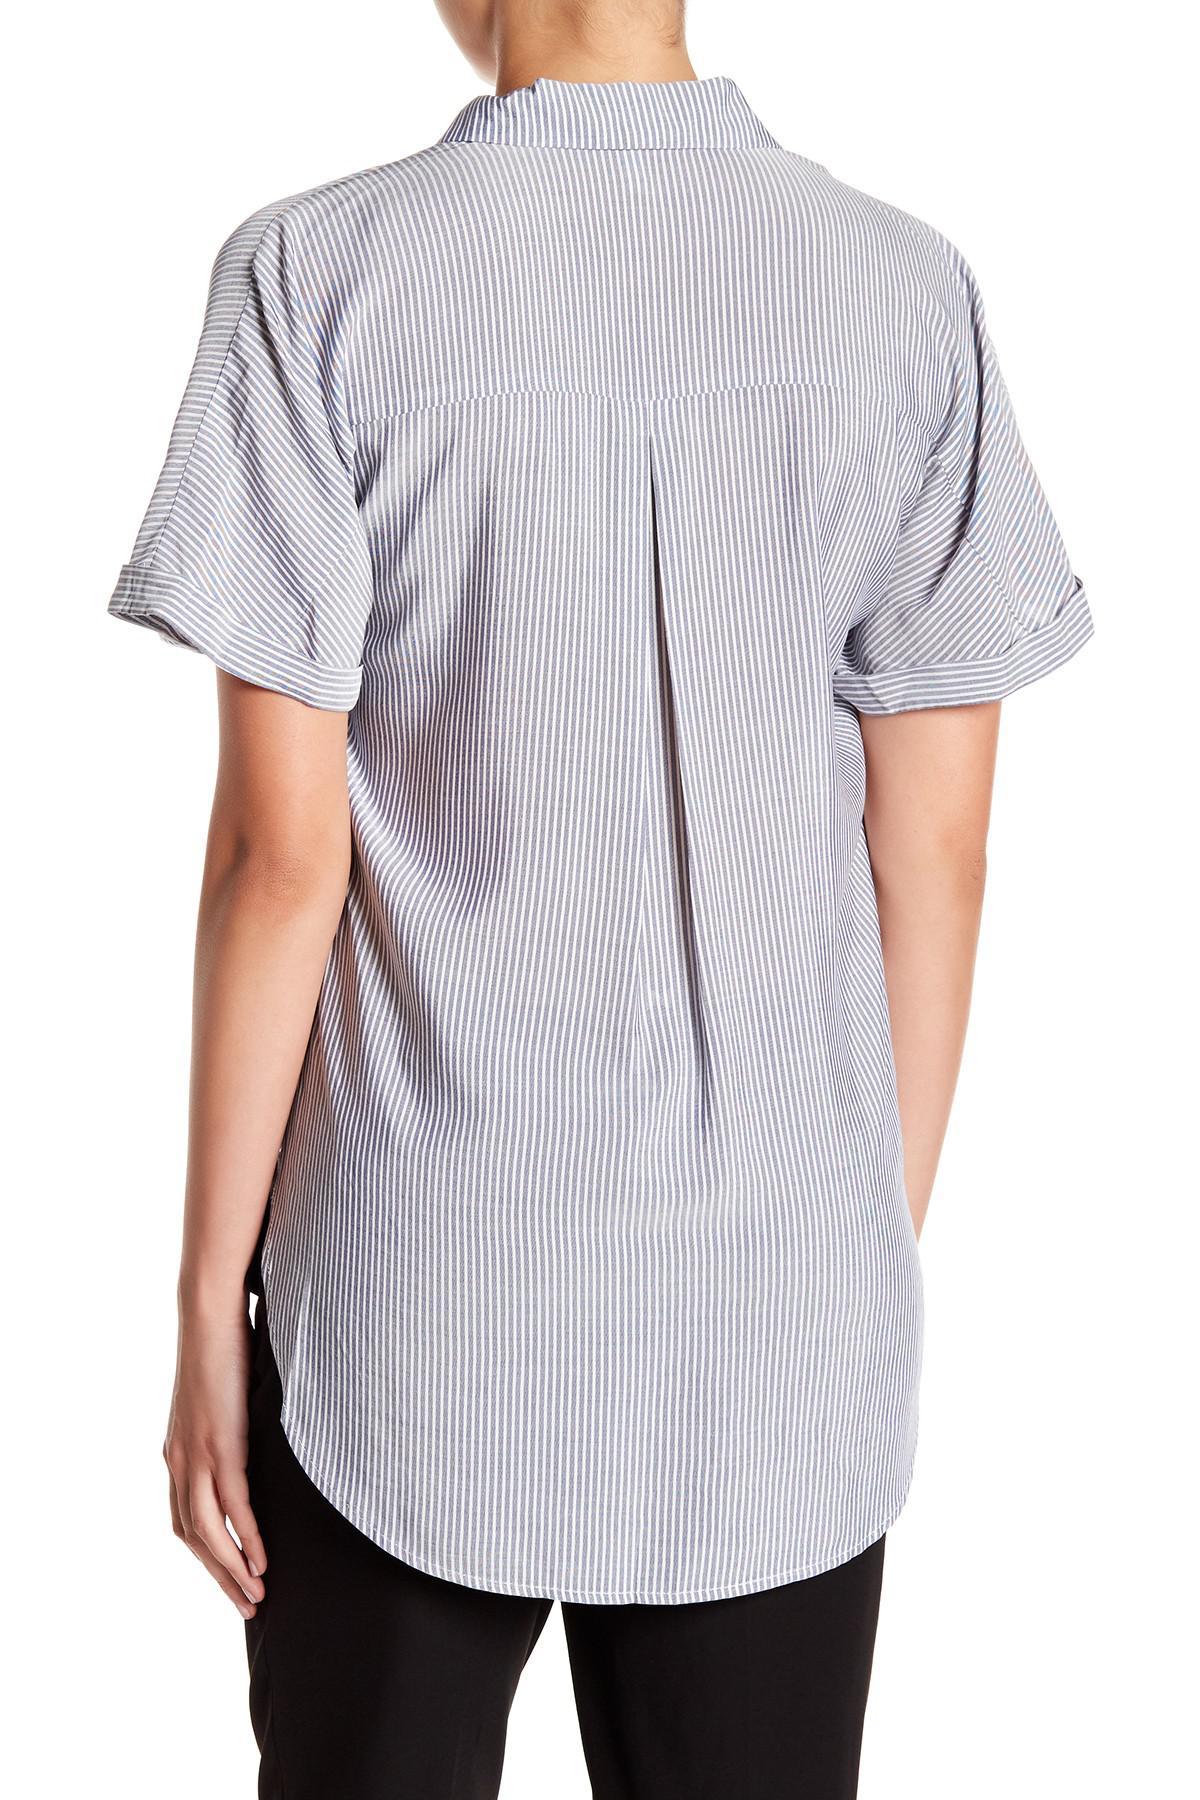 a2a0b83fa0d6 Lyst - Bcbgeneration Wrap Hem Dolman Sleeve Shirt in Blue